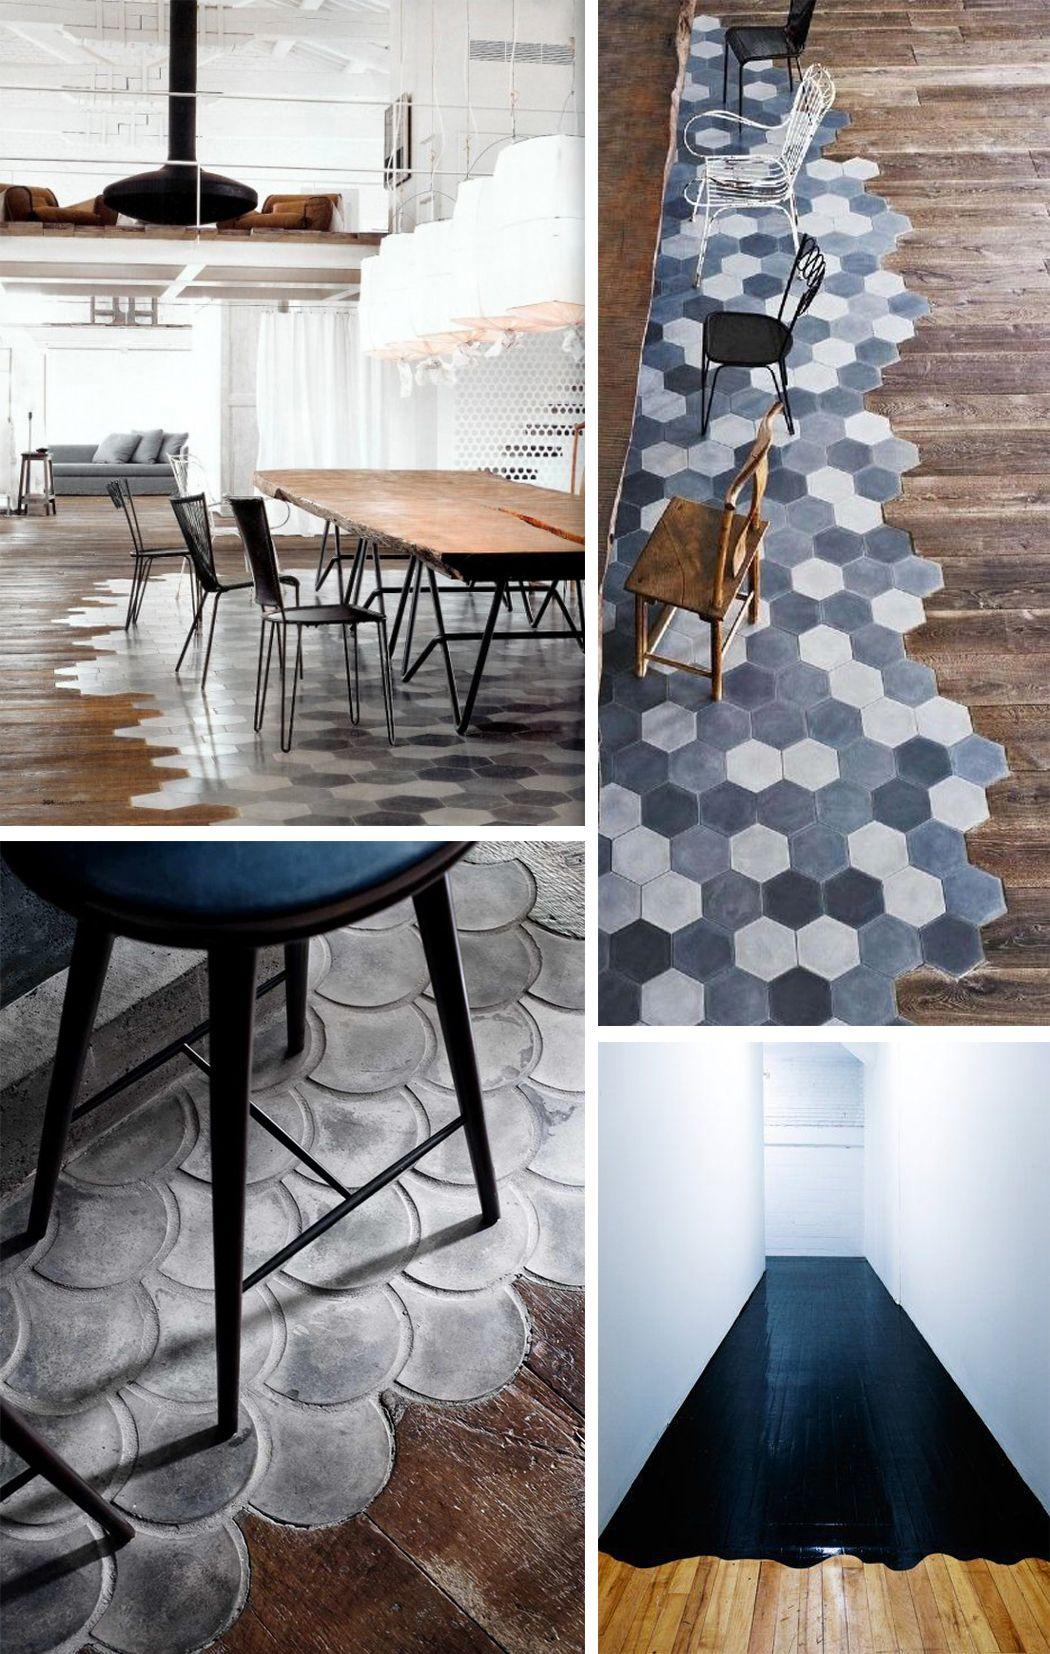 ideas deco combinar suelos diferentes decoraci n suelos floor decoration pinterest. Black Bedroom Furniture Sets. Home Design Ideas